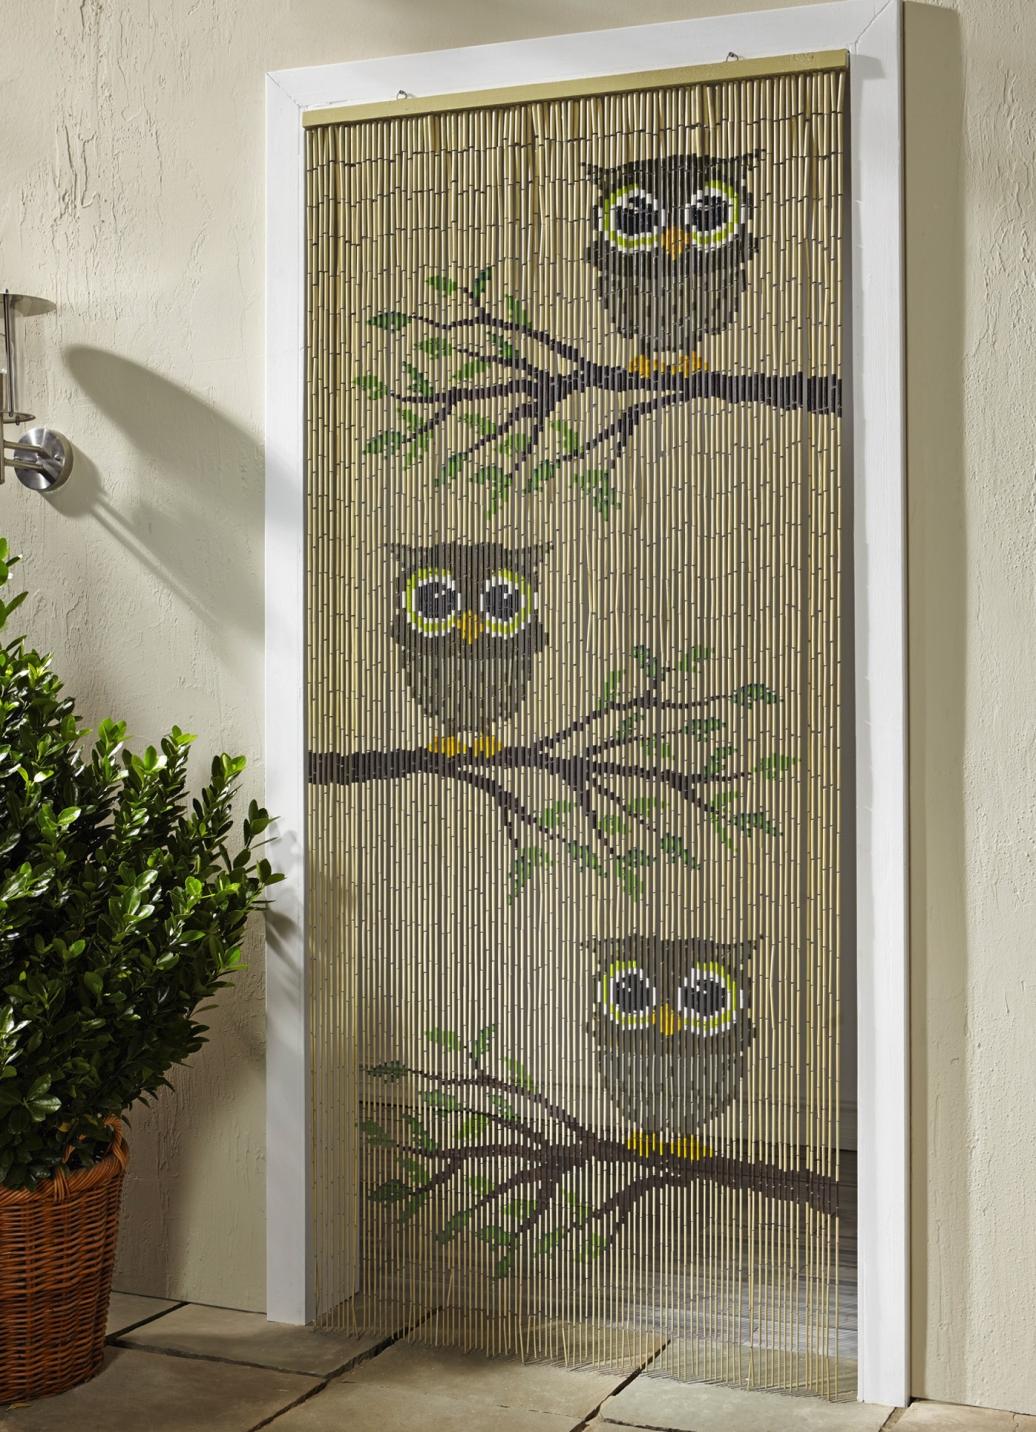 bambus vorhang eulen sichtschutz und sonnenschutz brigitte salzburg. Black Bedroom Furniture Sets. Home Design Ideas